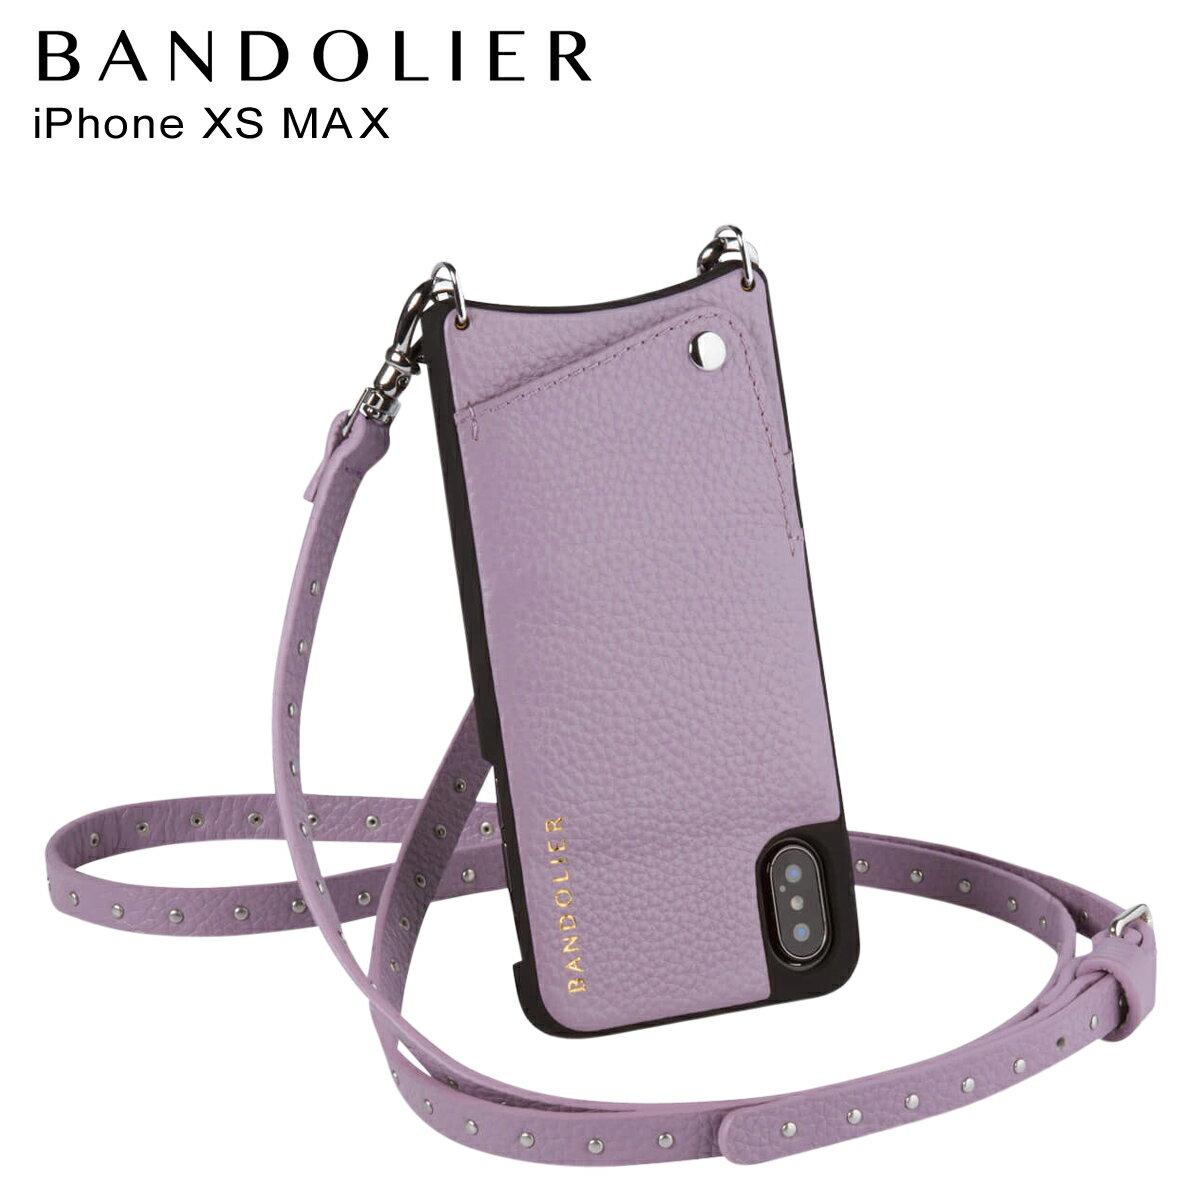 BANDOLIER バンドリヤー iPhone XS MAX ケース ショルダー スマホ アイフォン レザー NICOLE LILAC メンズ レディース ライラック 10NIC1001